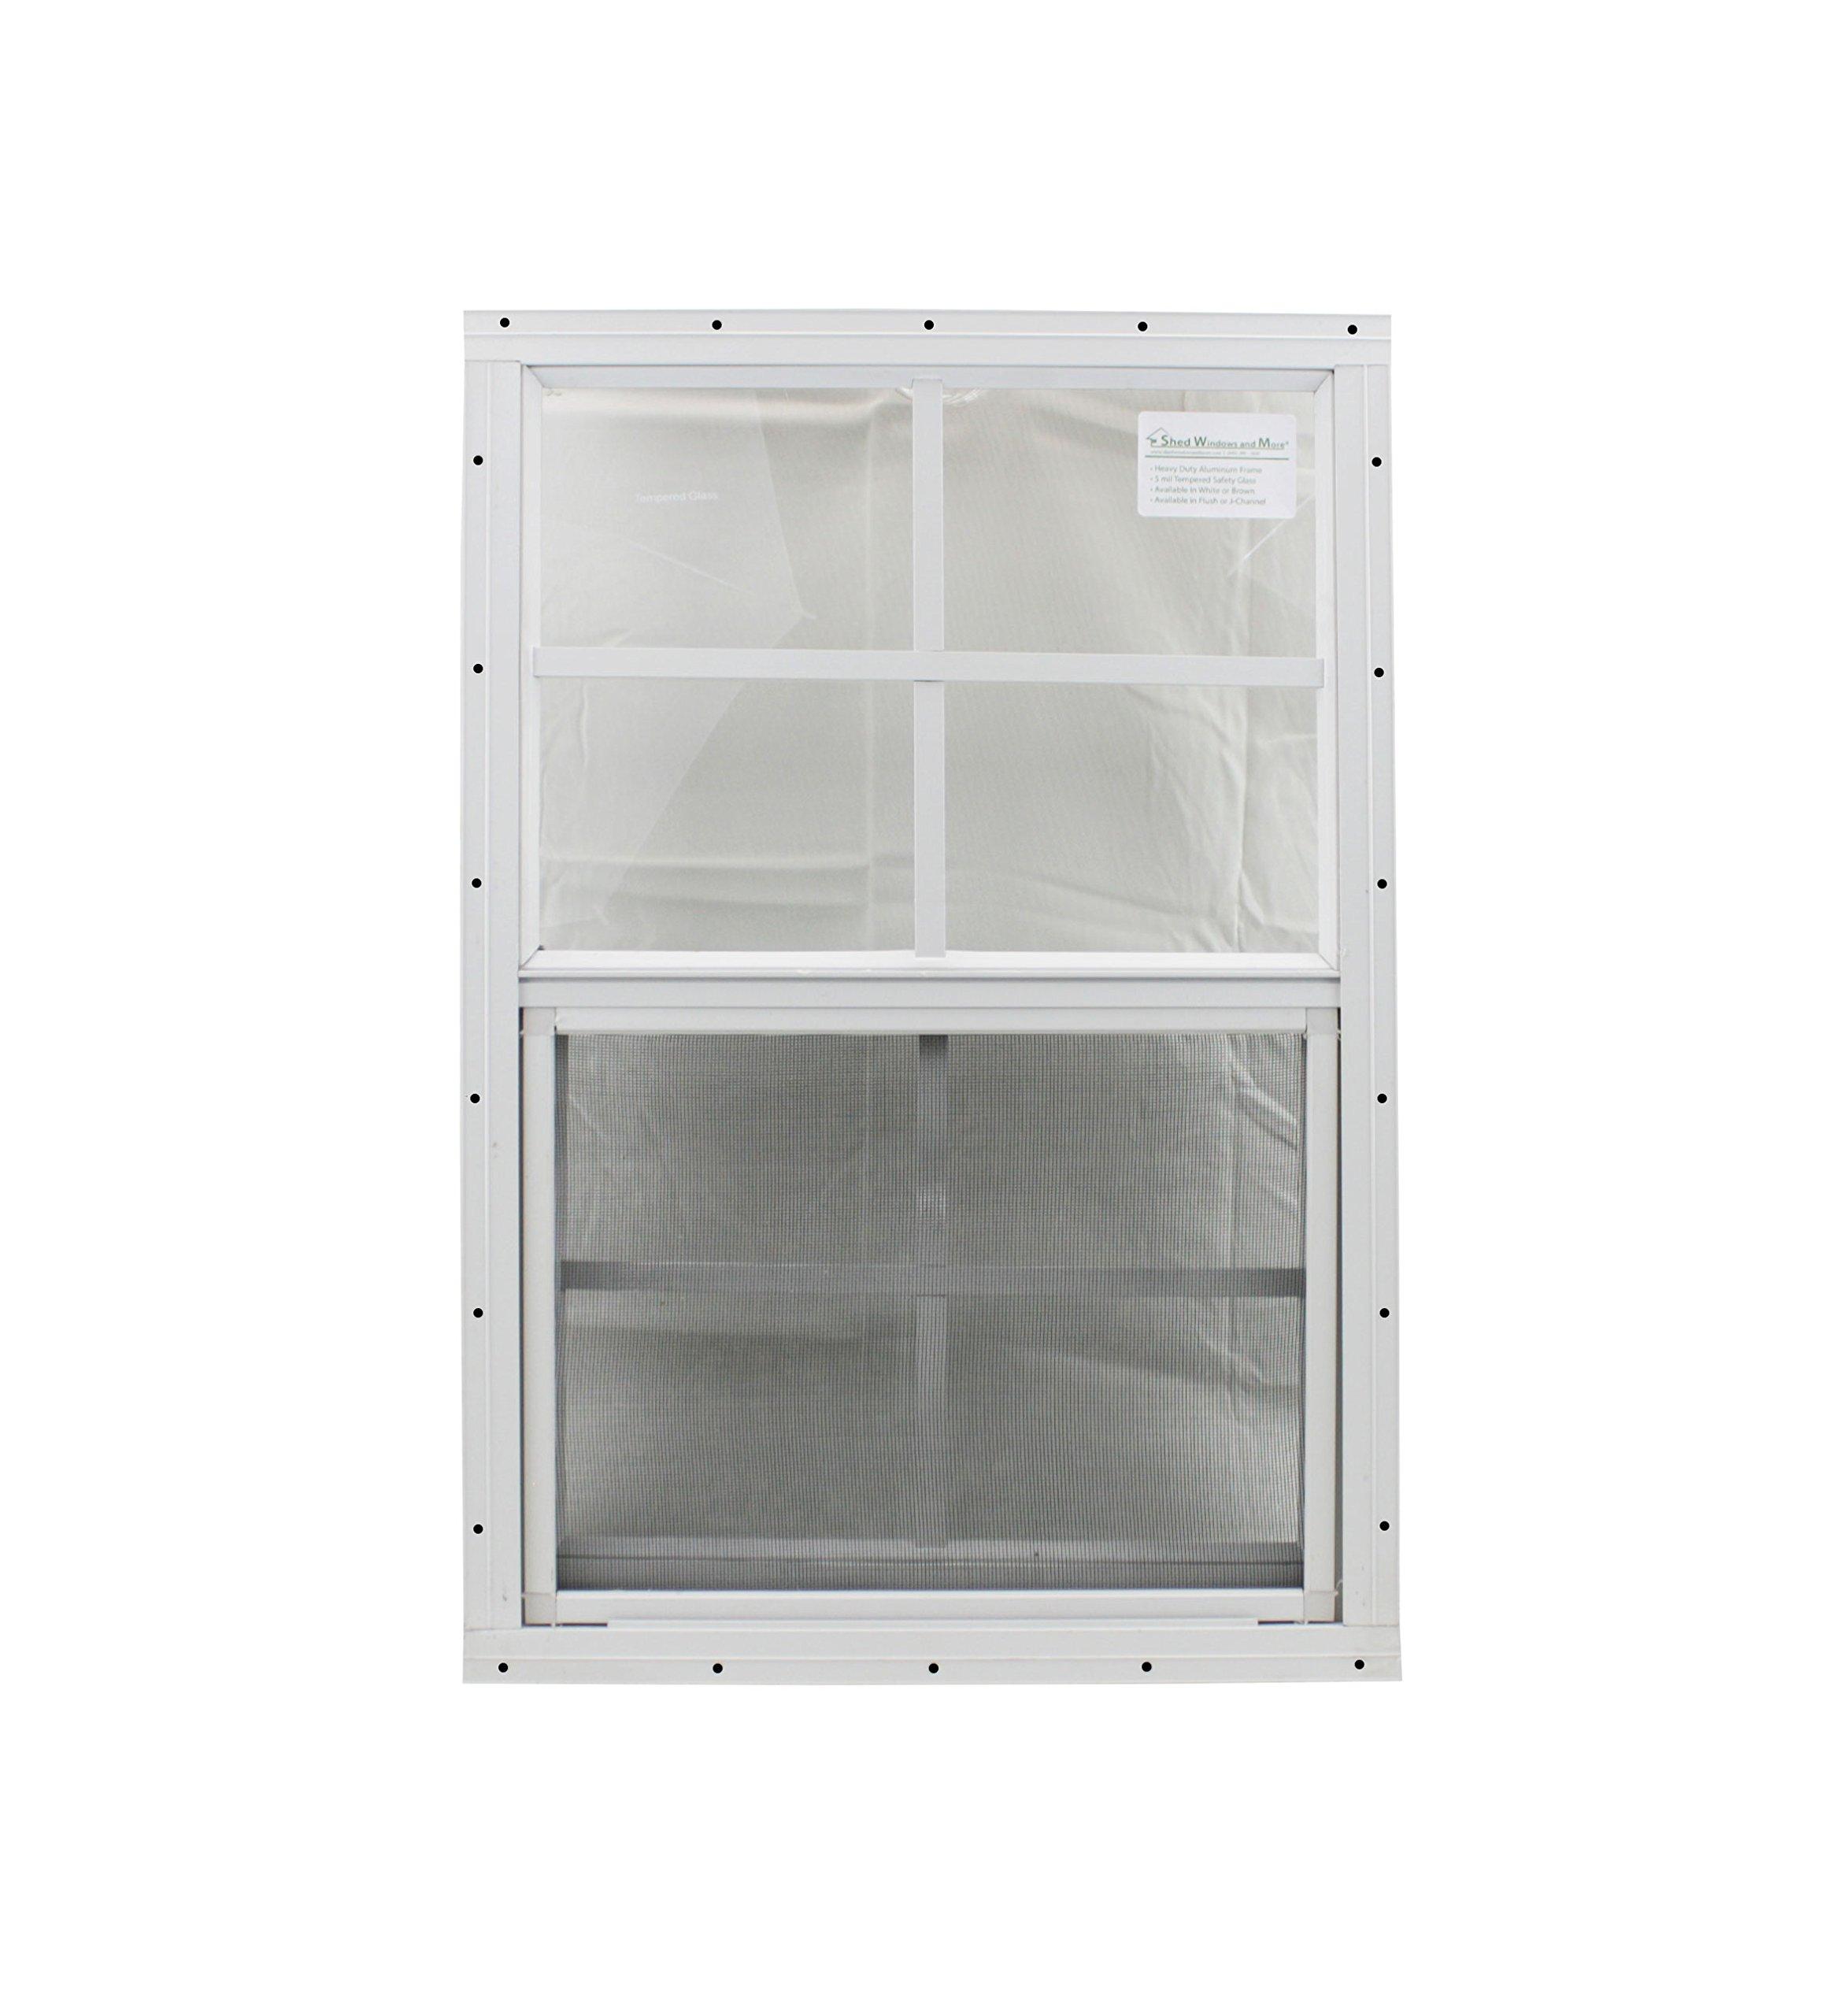 12 X 18 Playhouse Window White J-channel, Chicken Coop Window, Shed Window by Shed Windows and More